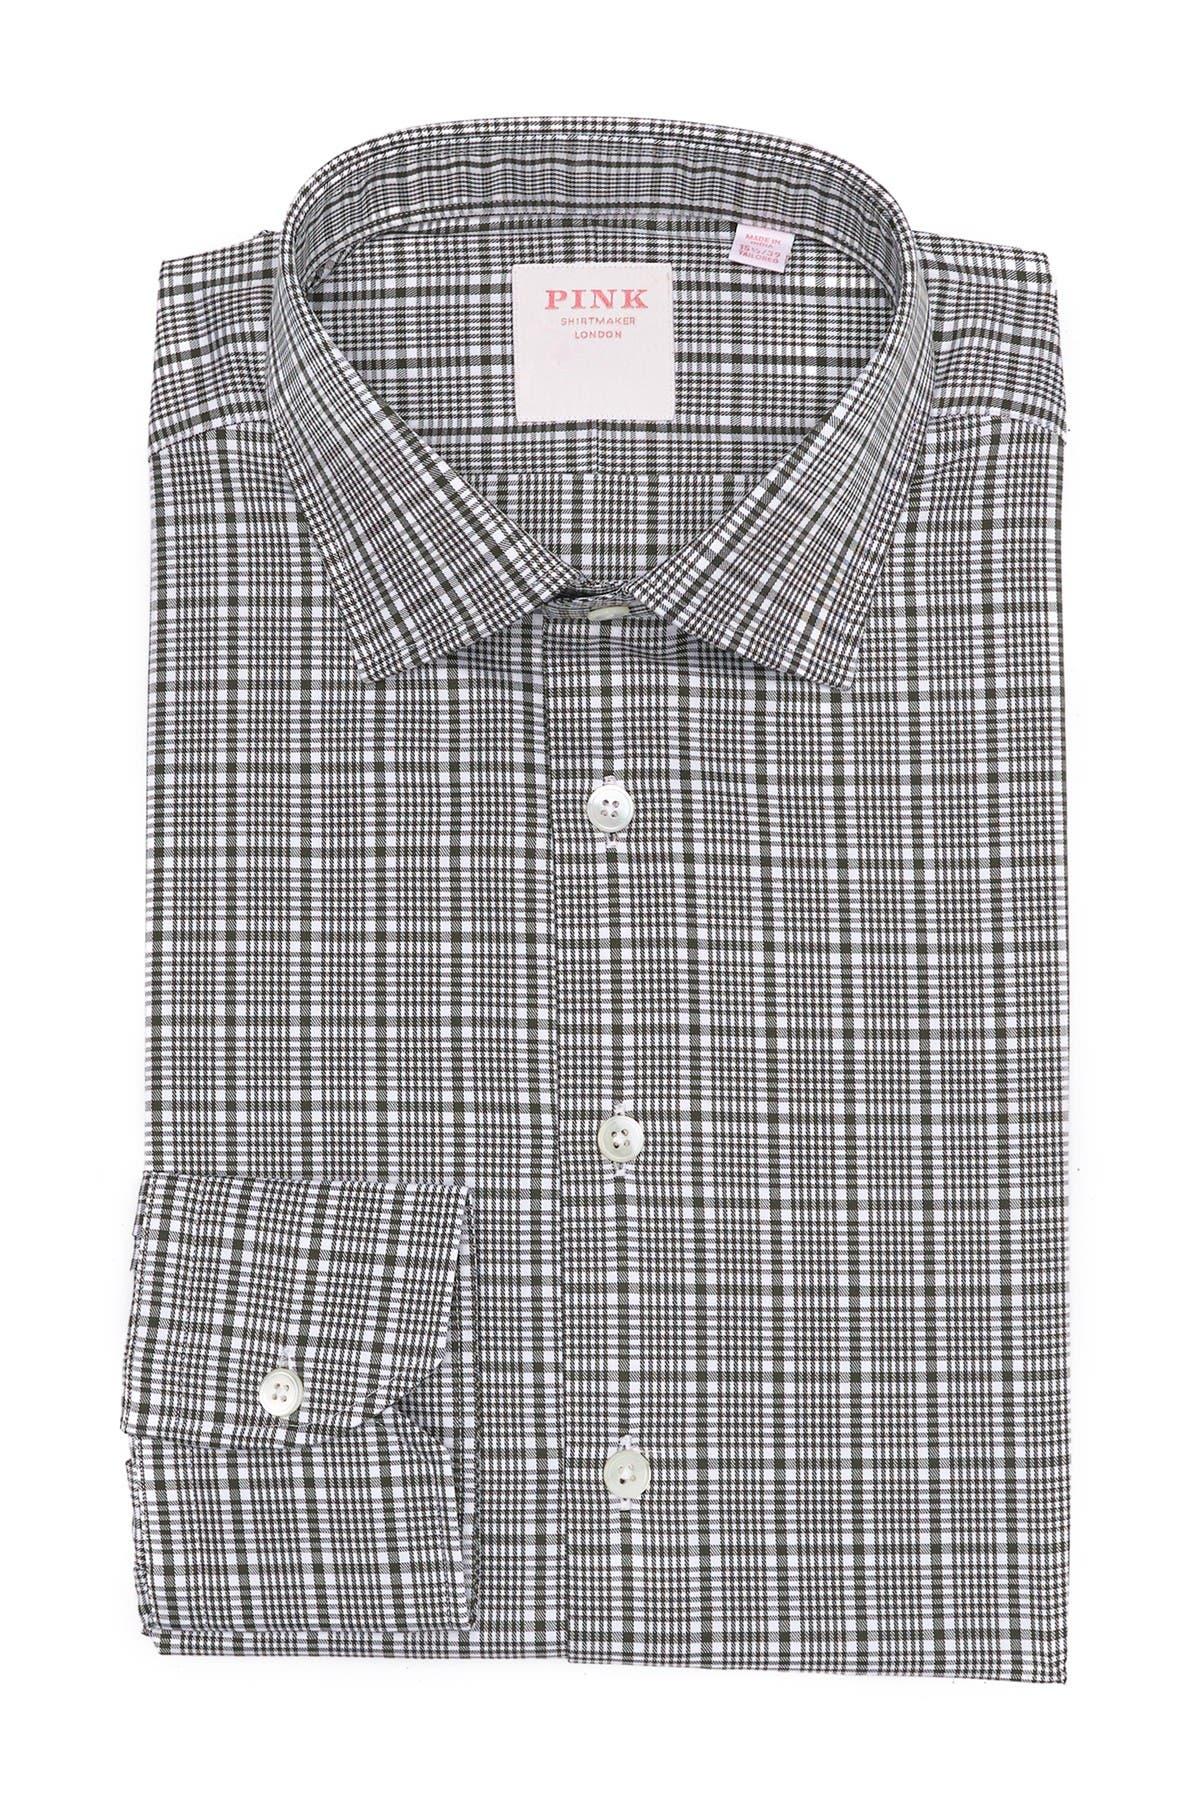 Image of THOMAS PINK Royal Check Print Dress Shirt